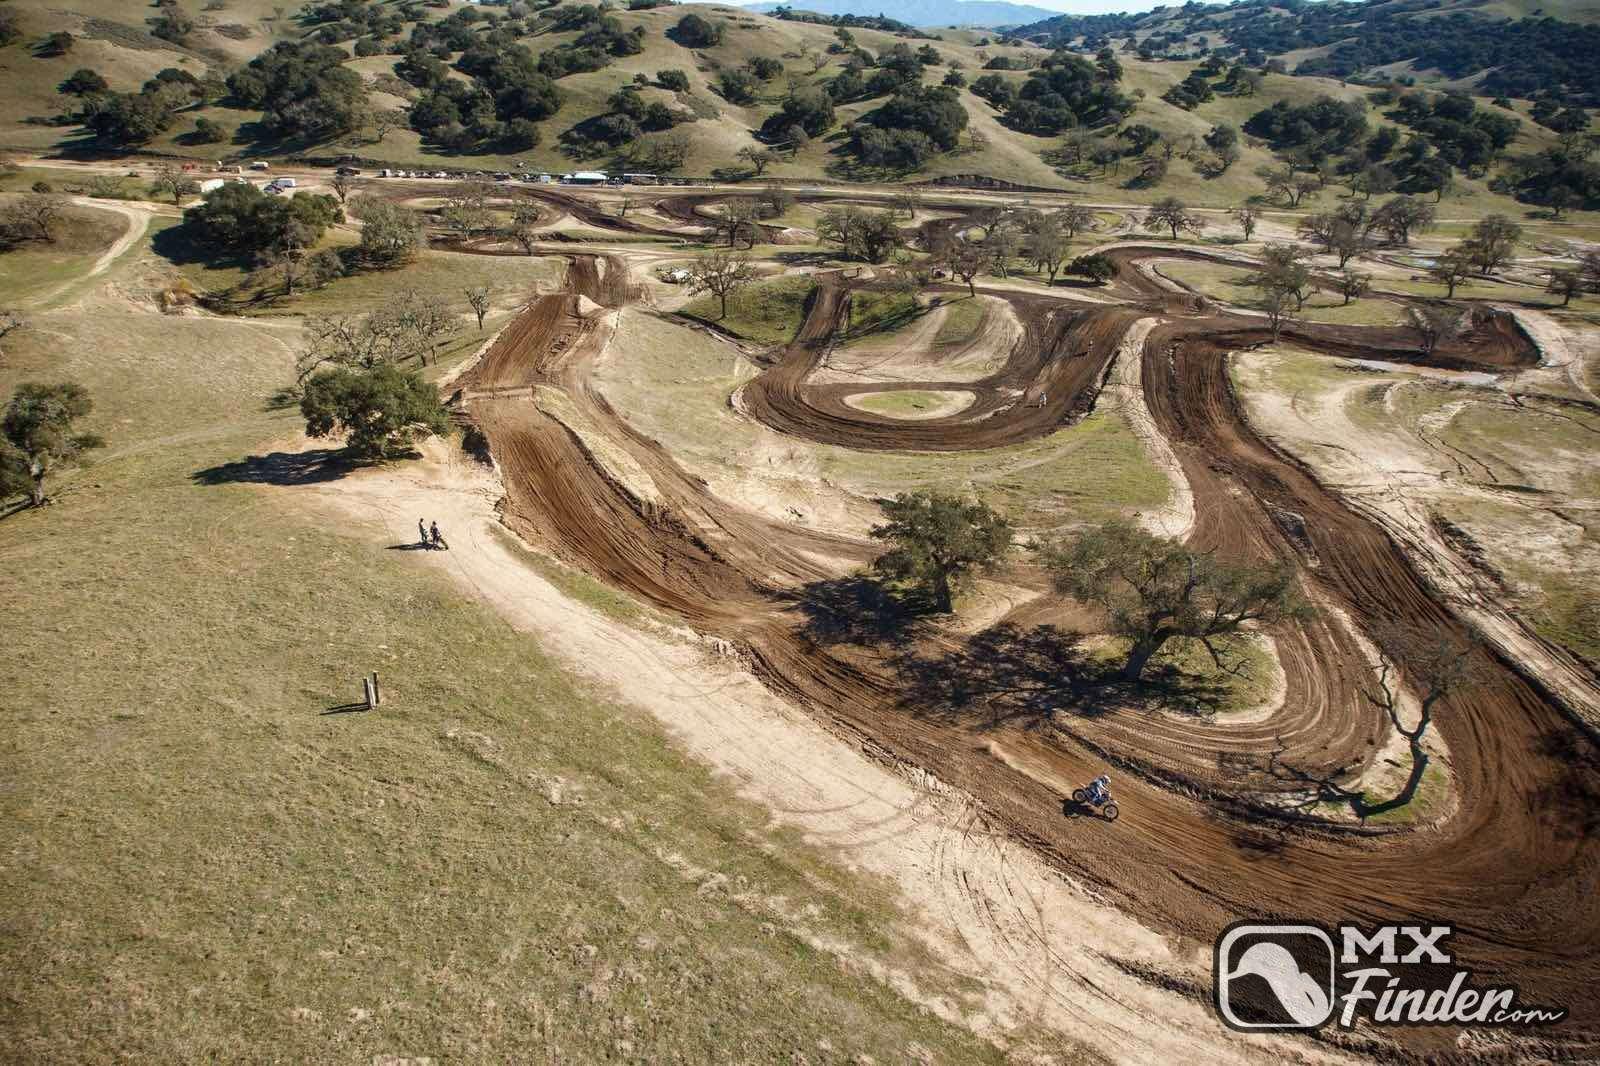 motocross, Zaca Station Motocross Park, Buellton, motocross track